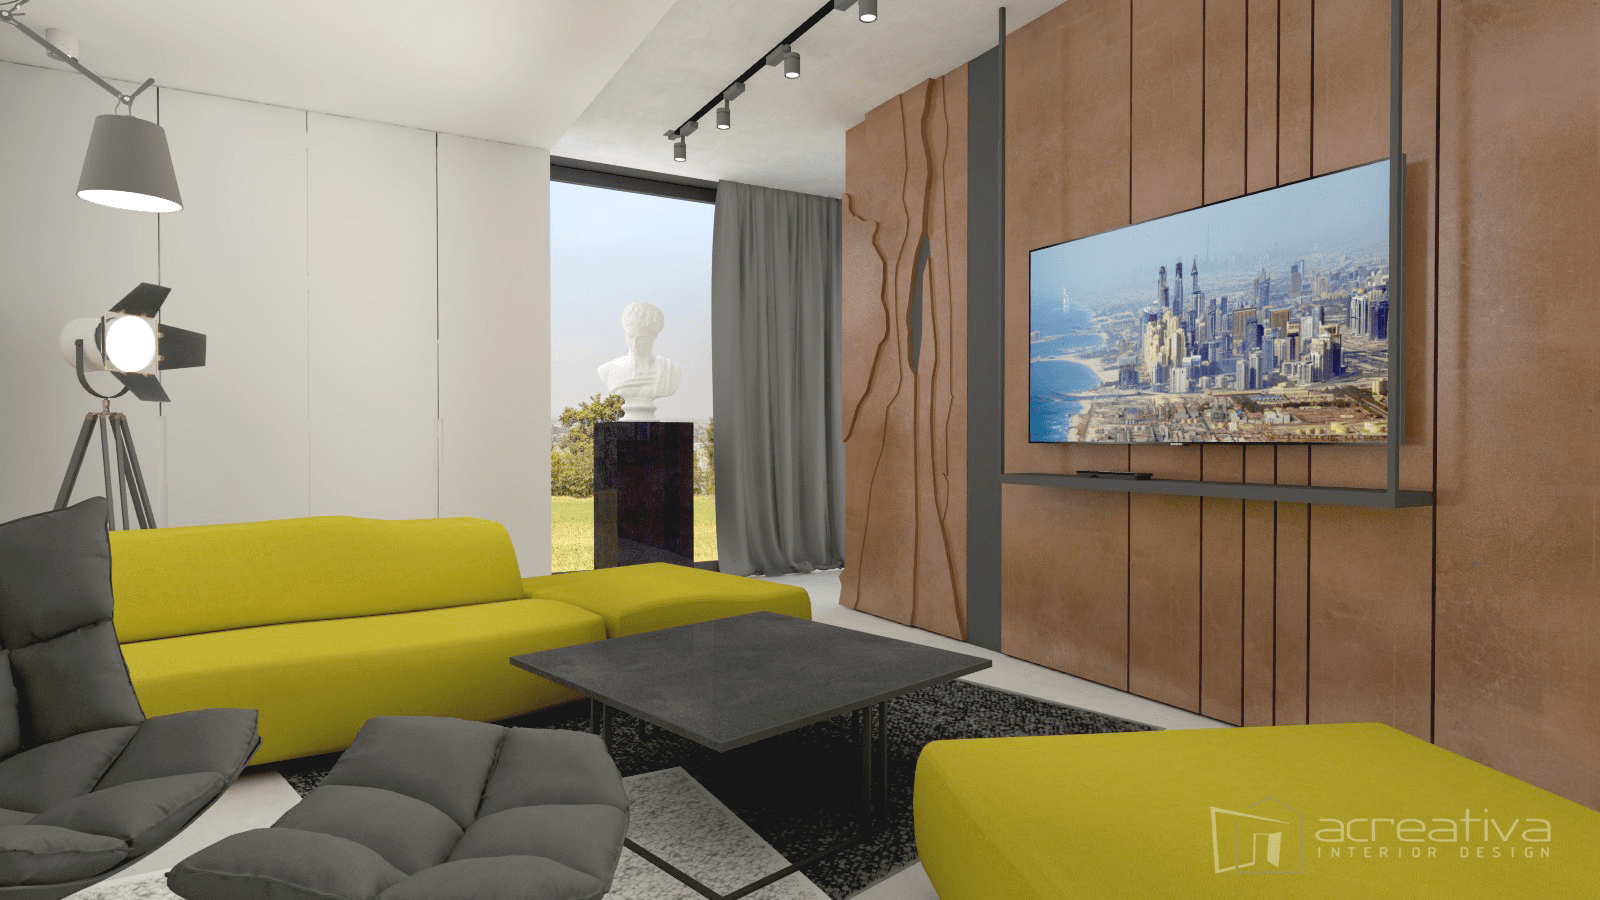 salon_nowoczesny_industrialny_projekt_wnetrz_architekt_online_acreativa.pl_torun_5